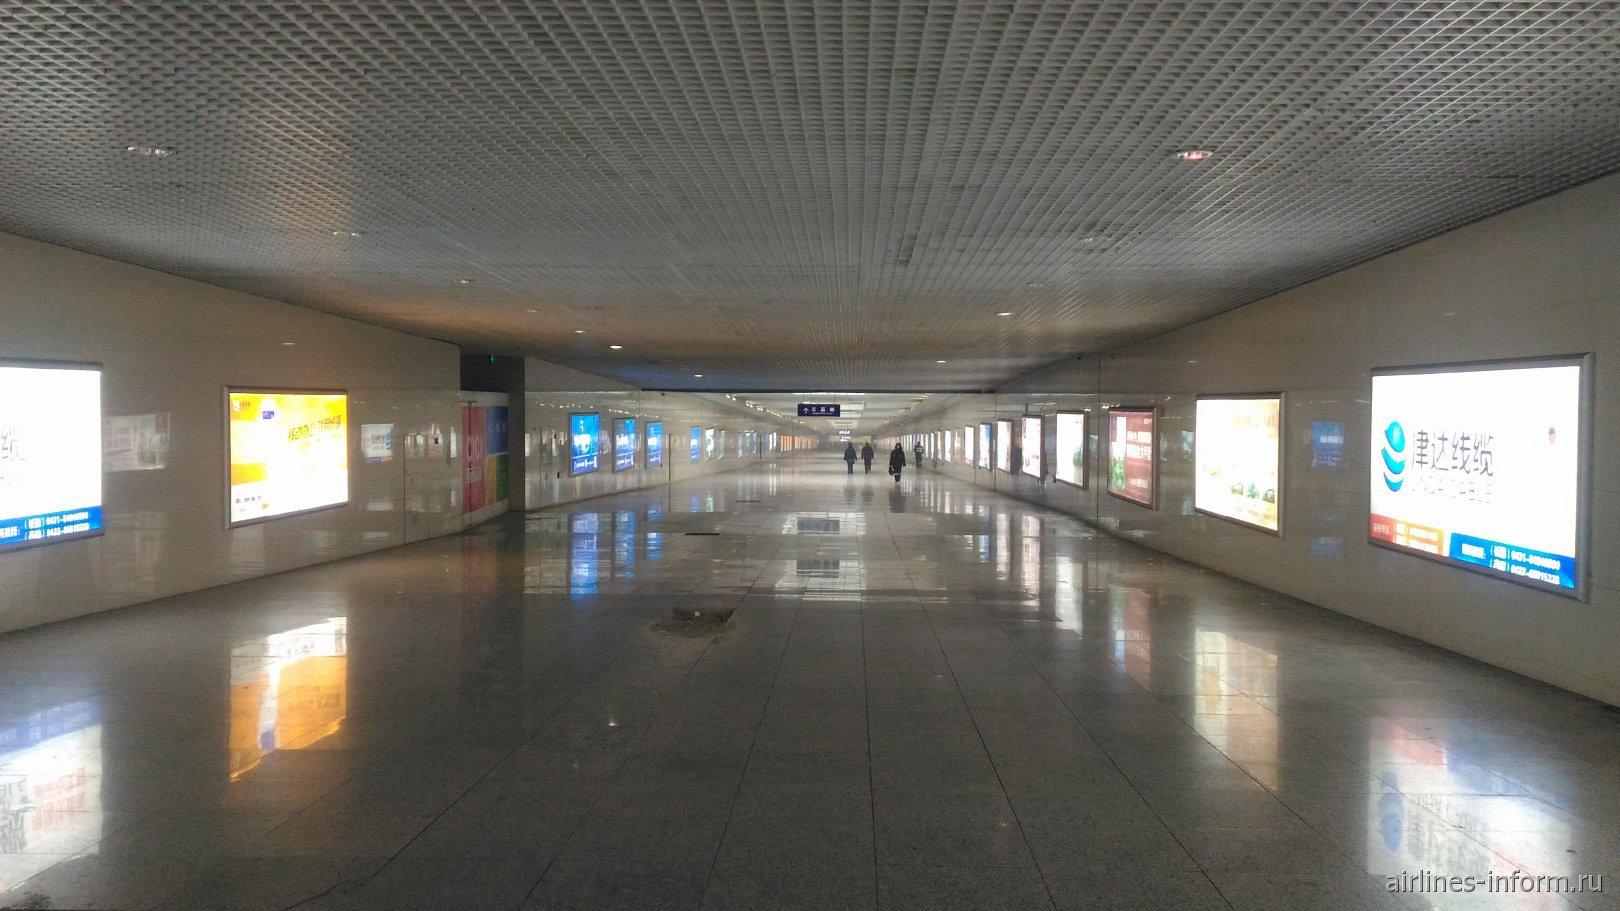 Подземный переход между аэропортом Чаньчуня и железнодорожной станцией